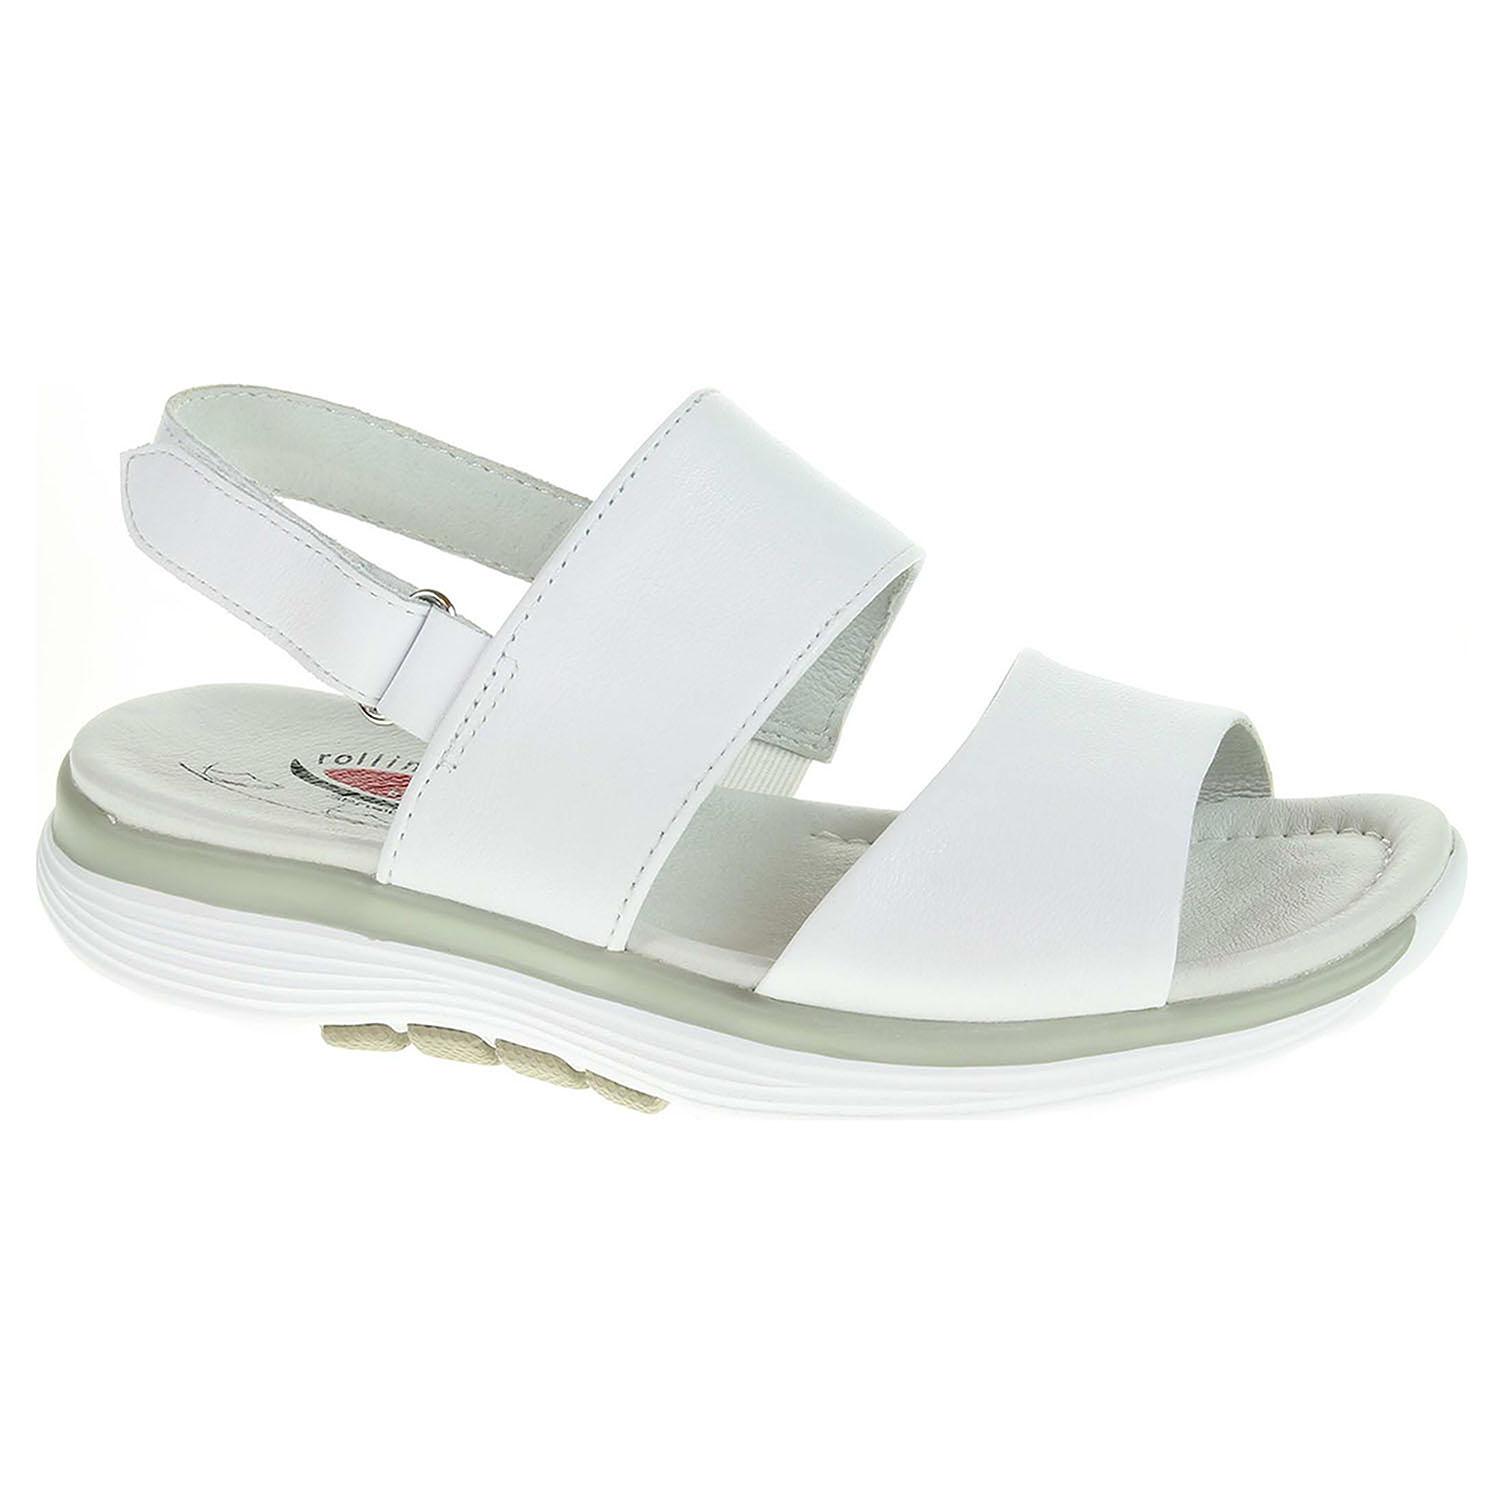 Dámské sandály Gabor 26.914.50 weiss 26.914.50 38